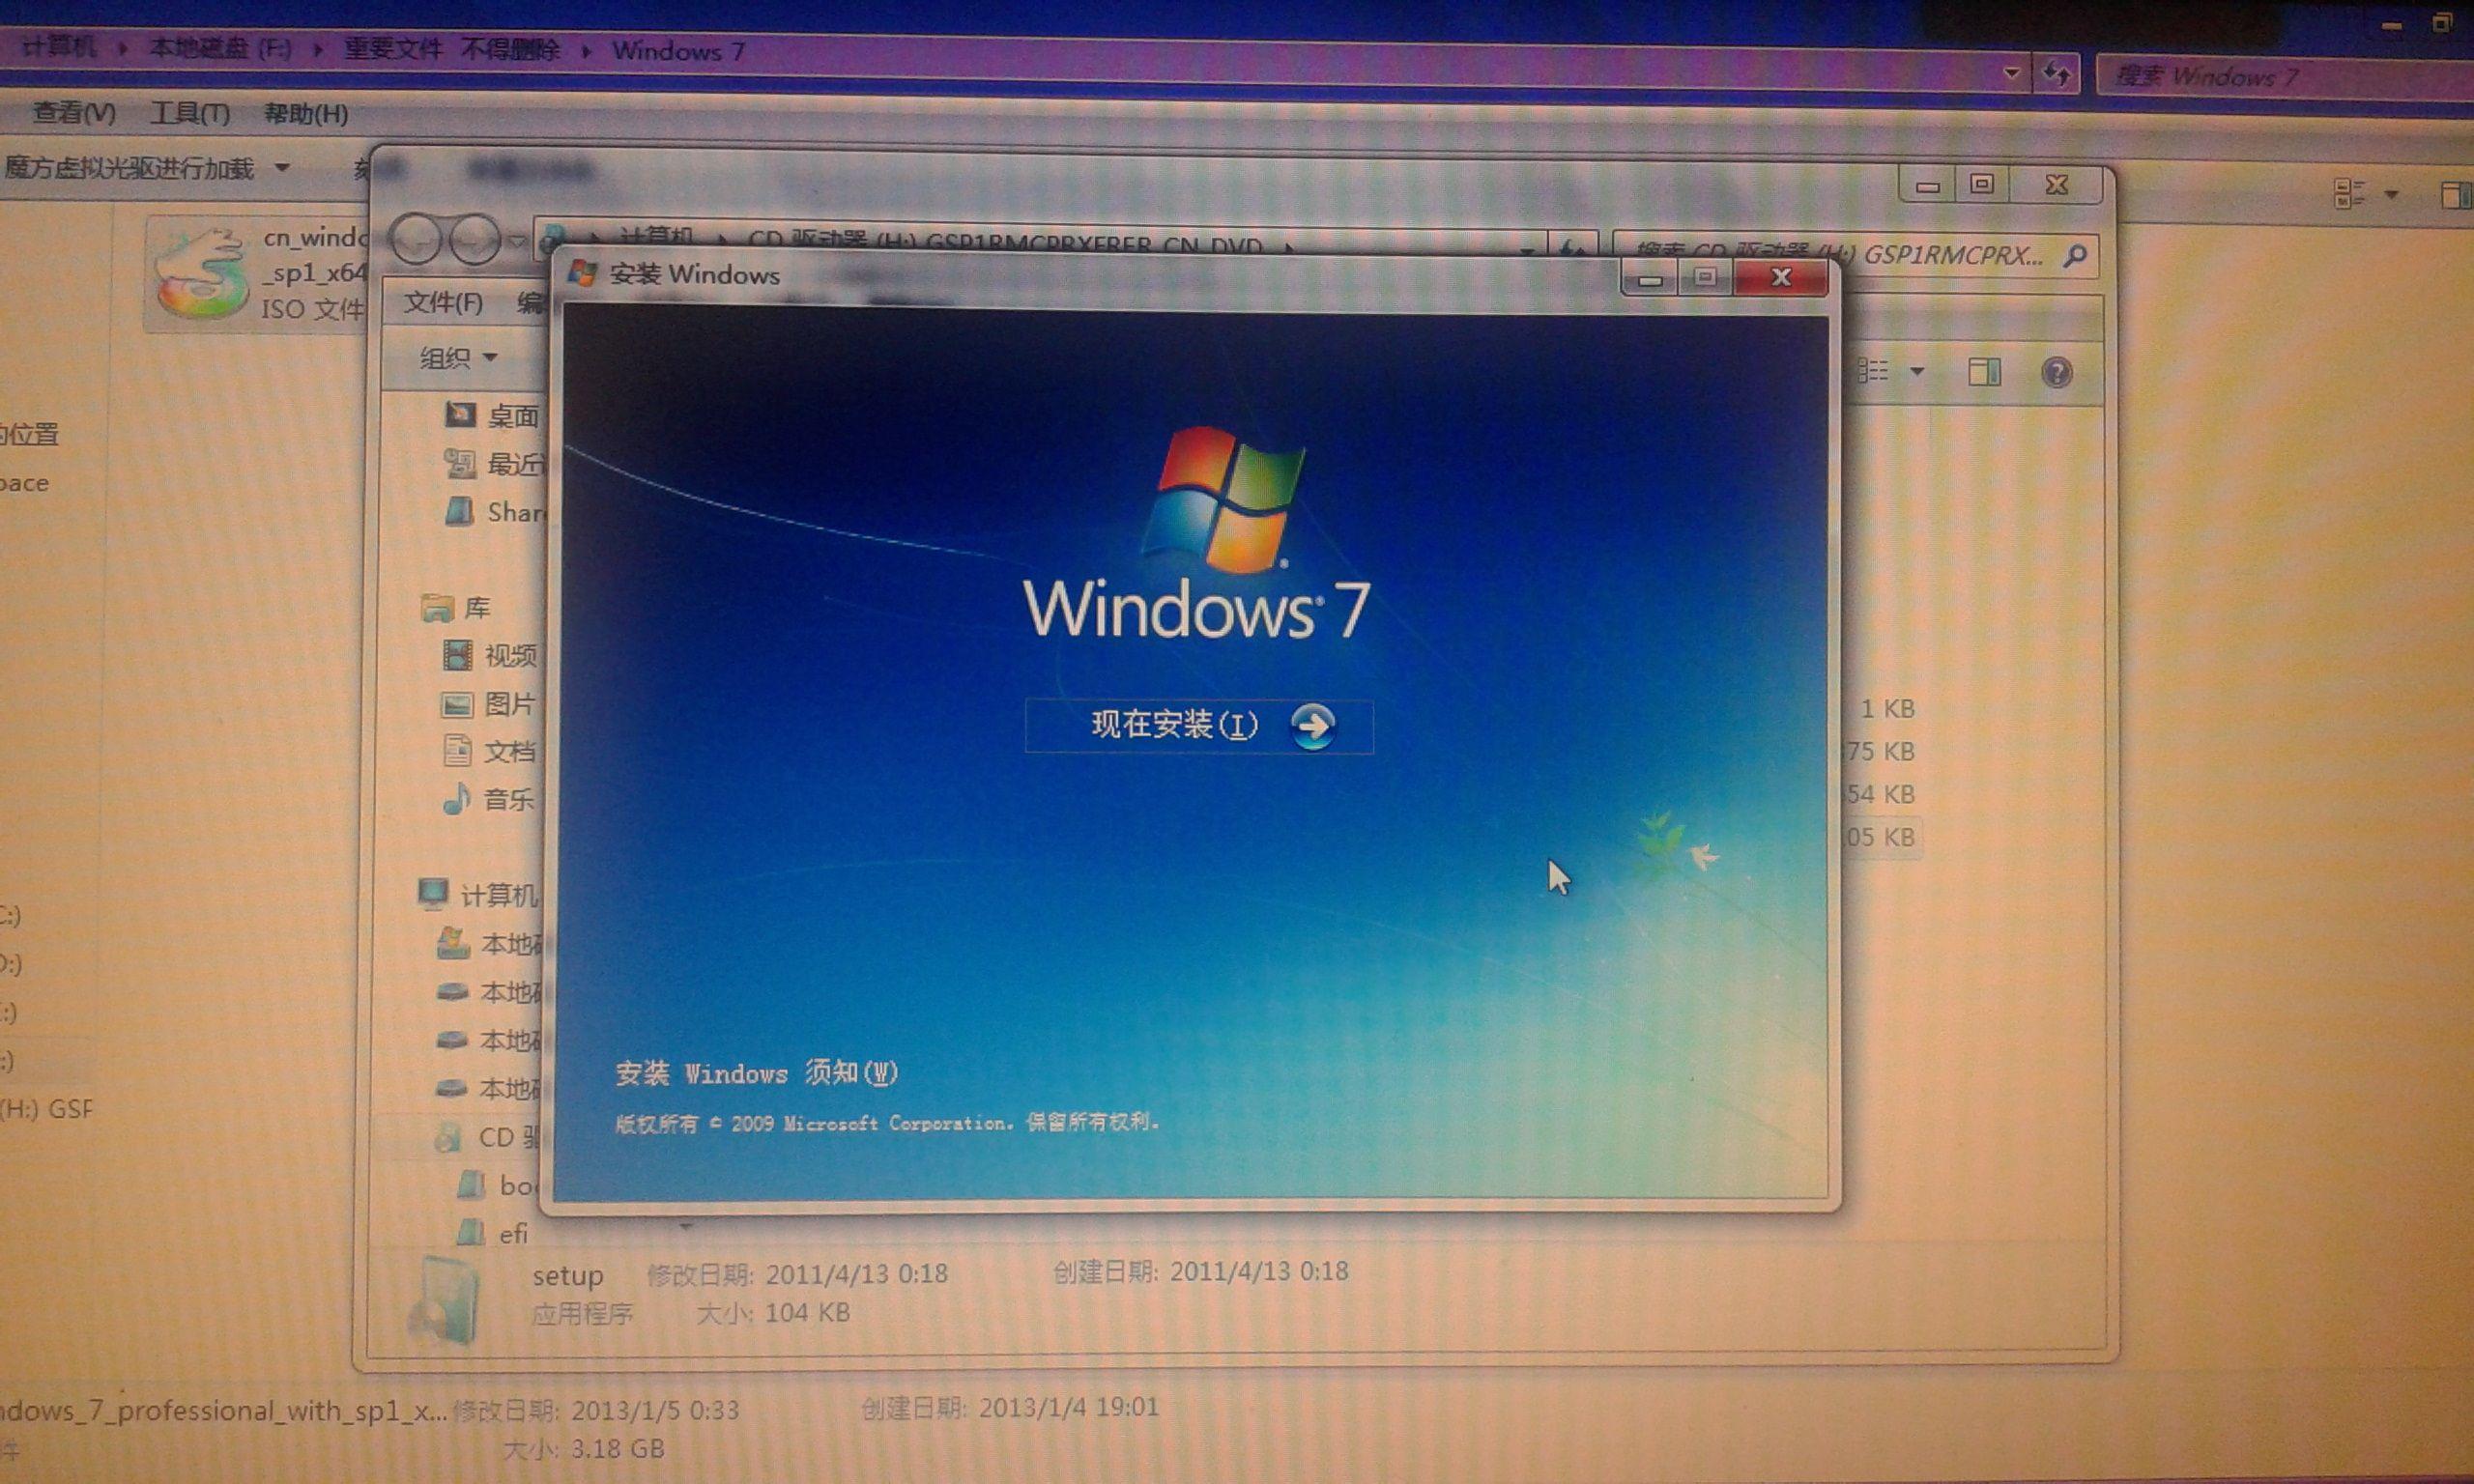 win7系统文件夹隐藏文件夹选项卡